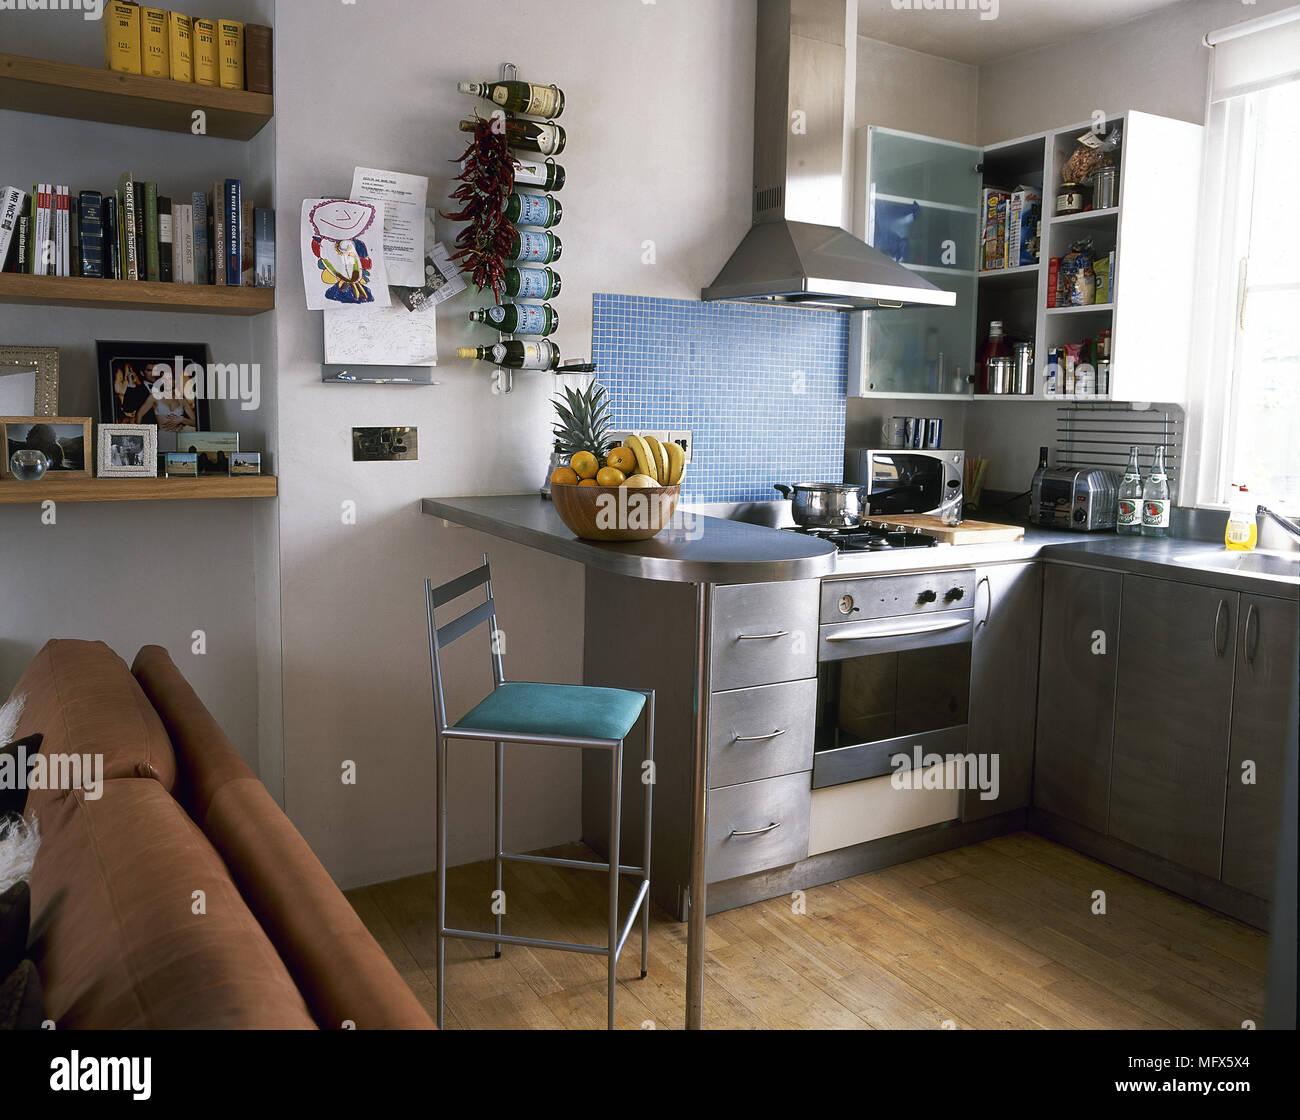 Excelente Cocina Azul Azulejos Reino Unido Cresta - Ideas de ...